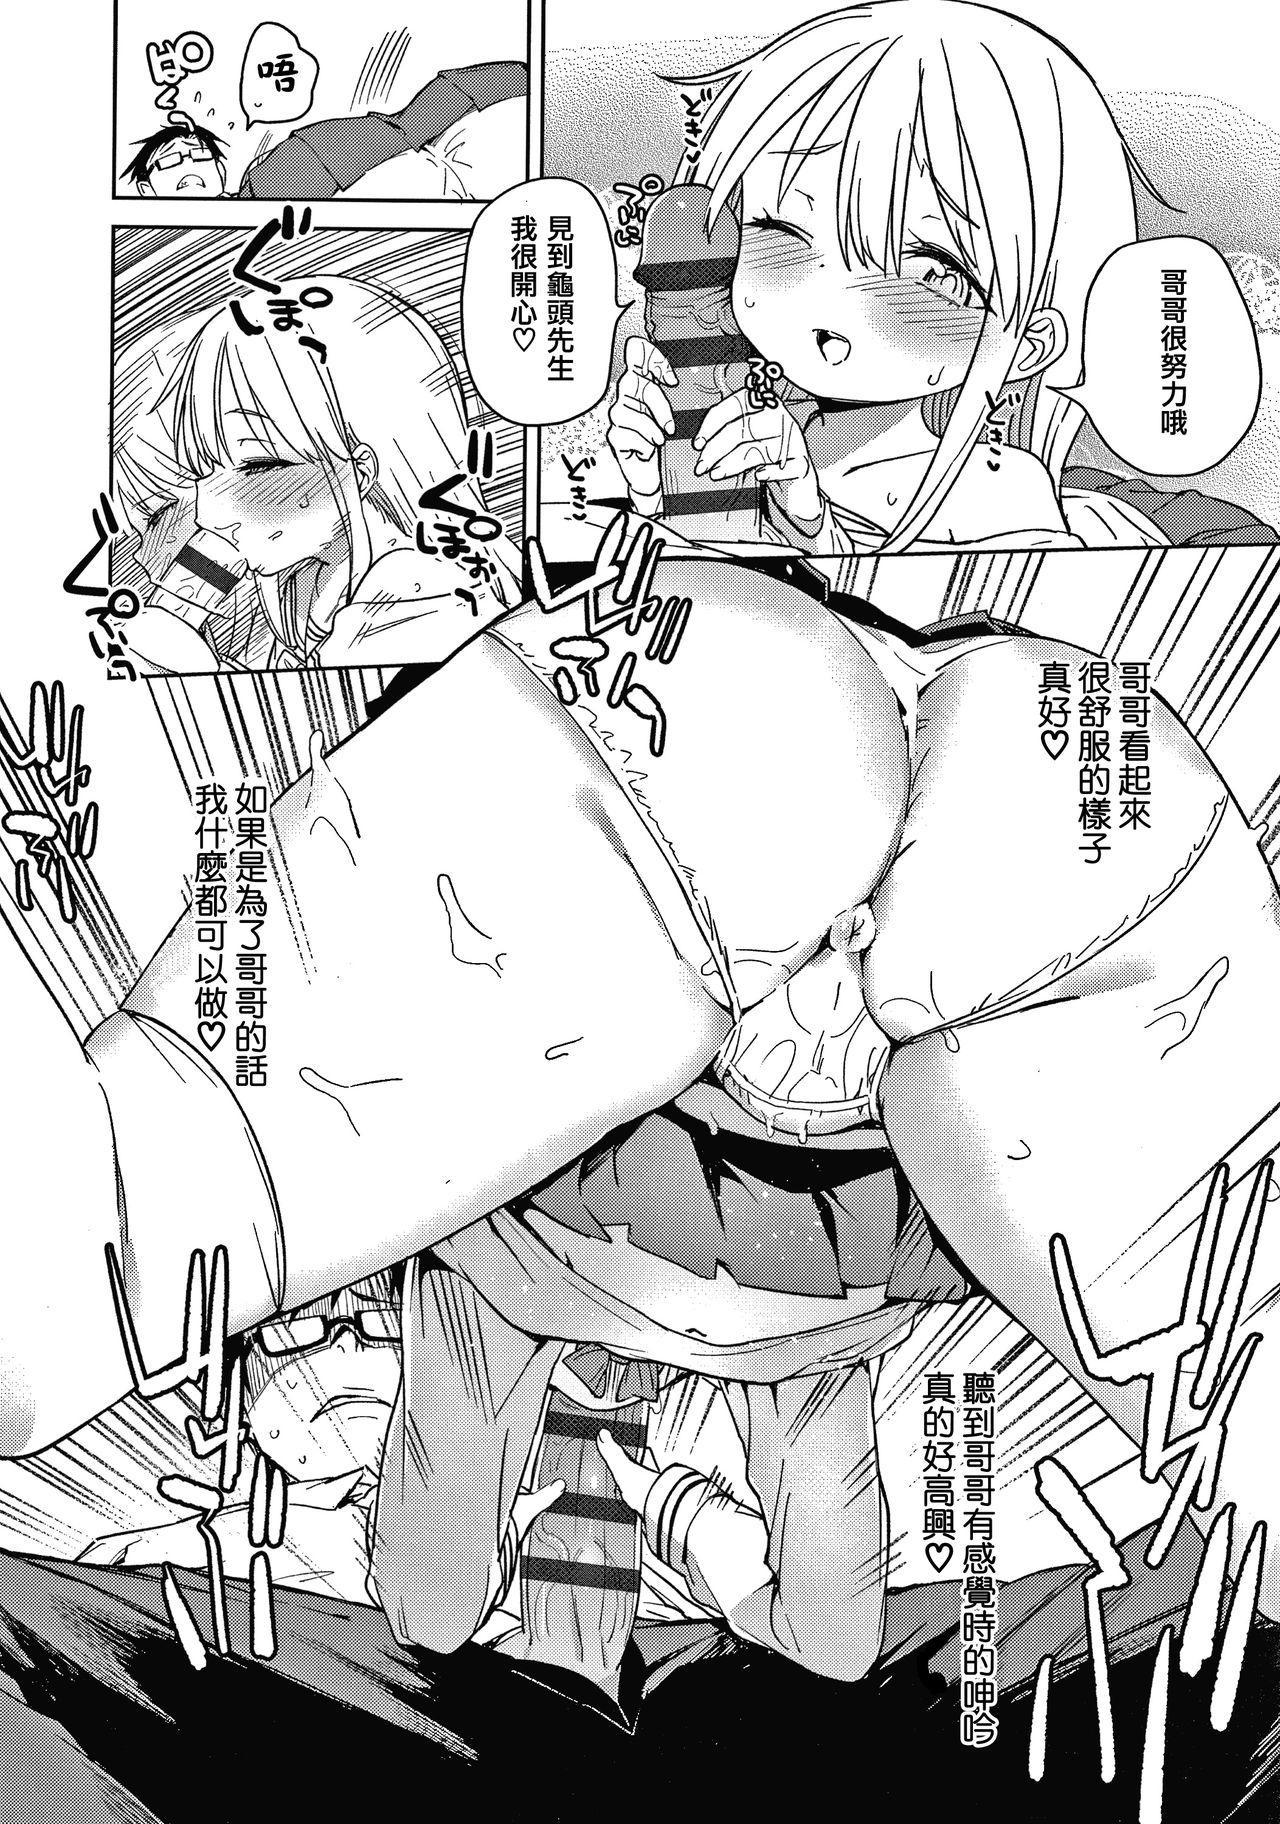 Tsugou ga Yokute Kawaii Mesu. 111